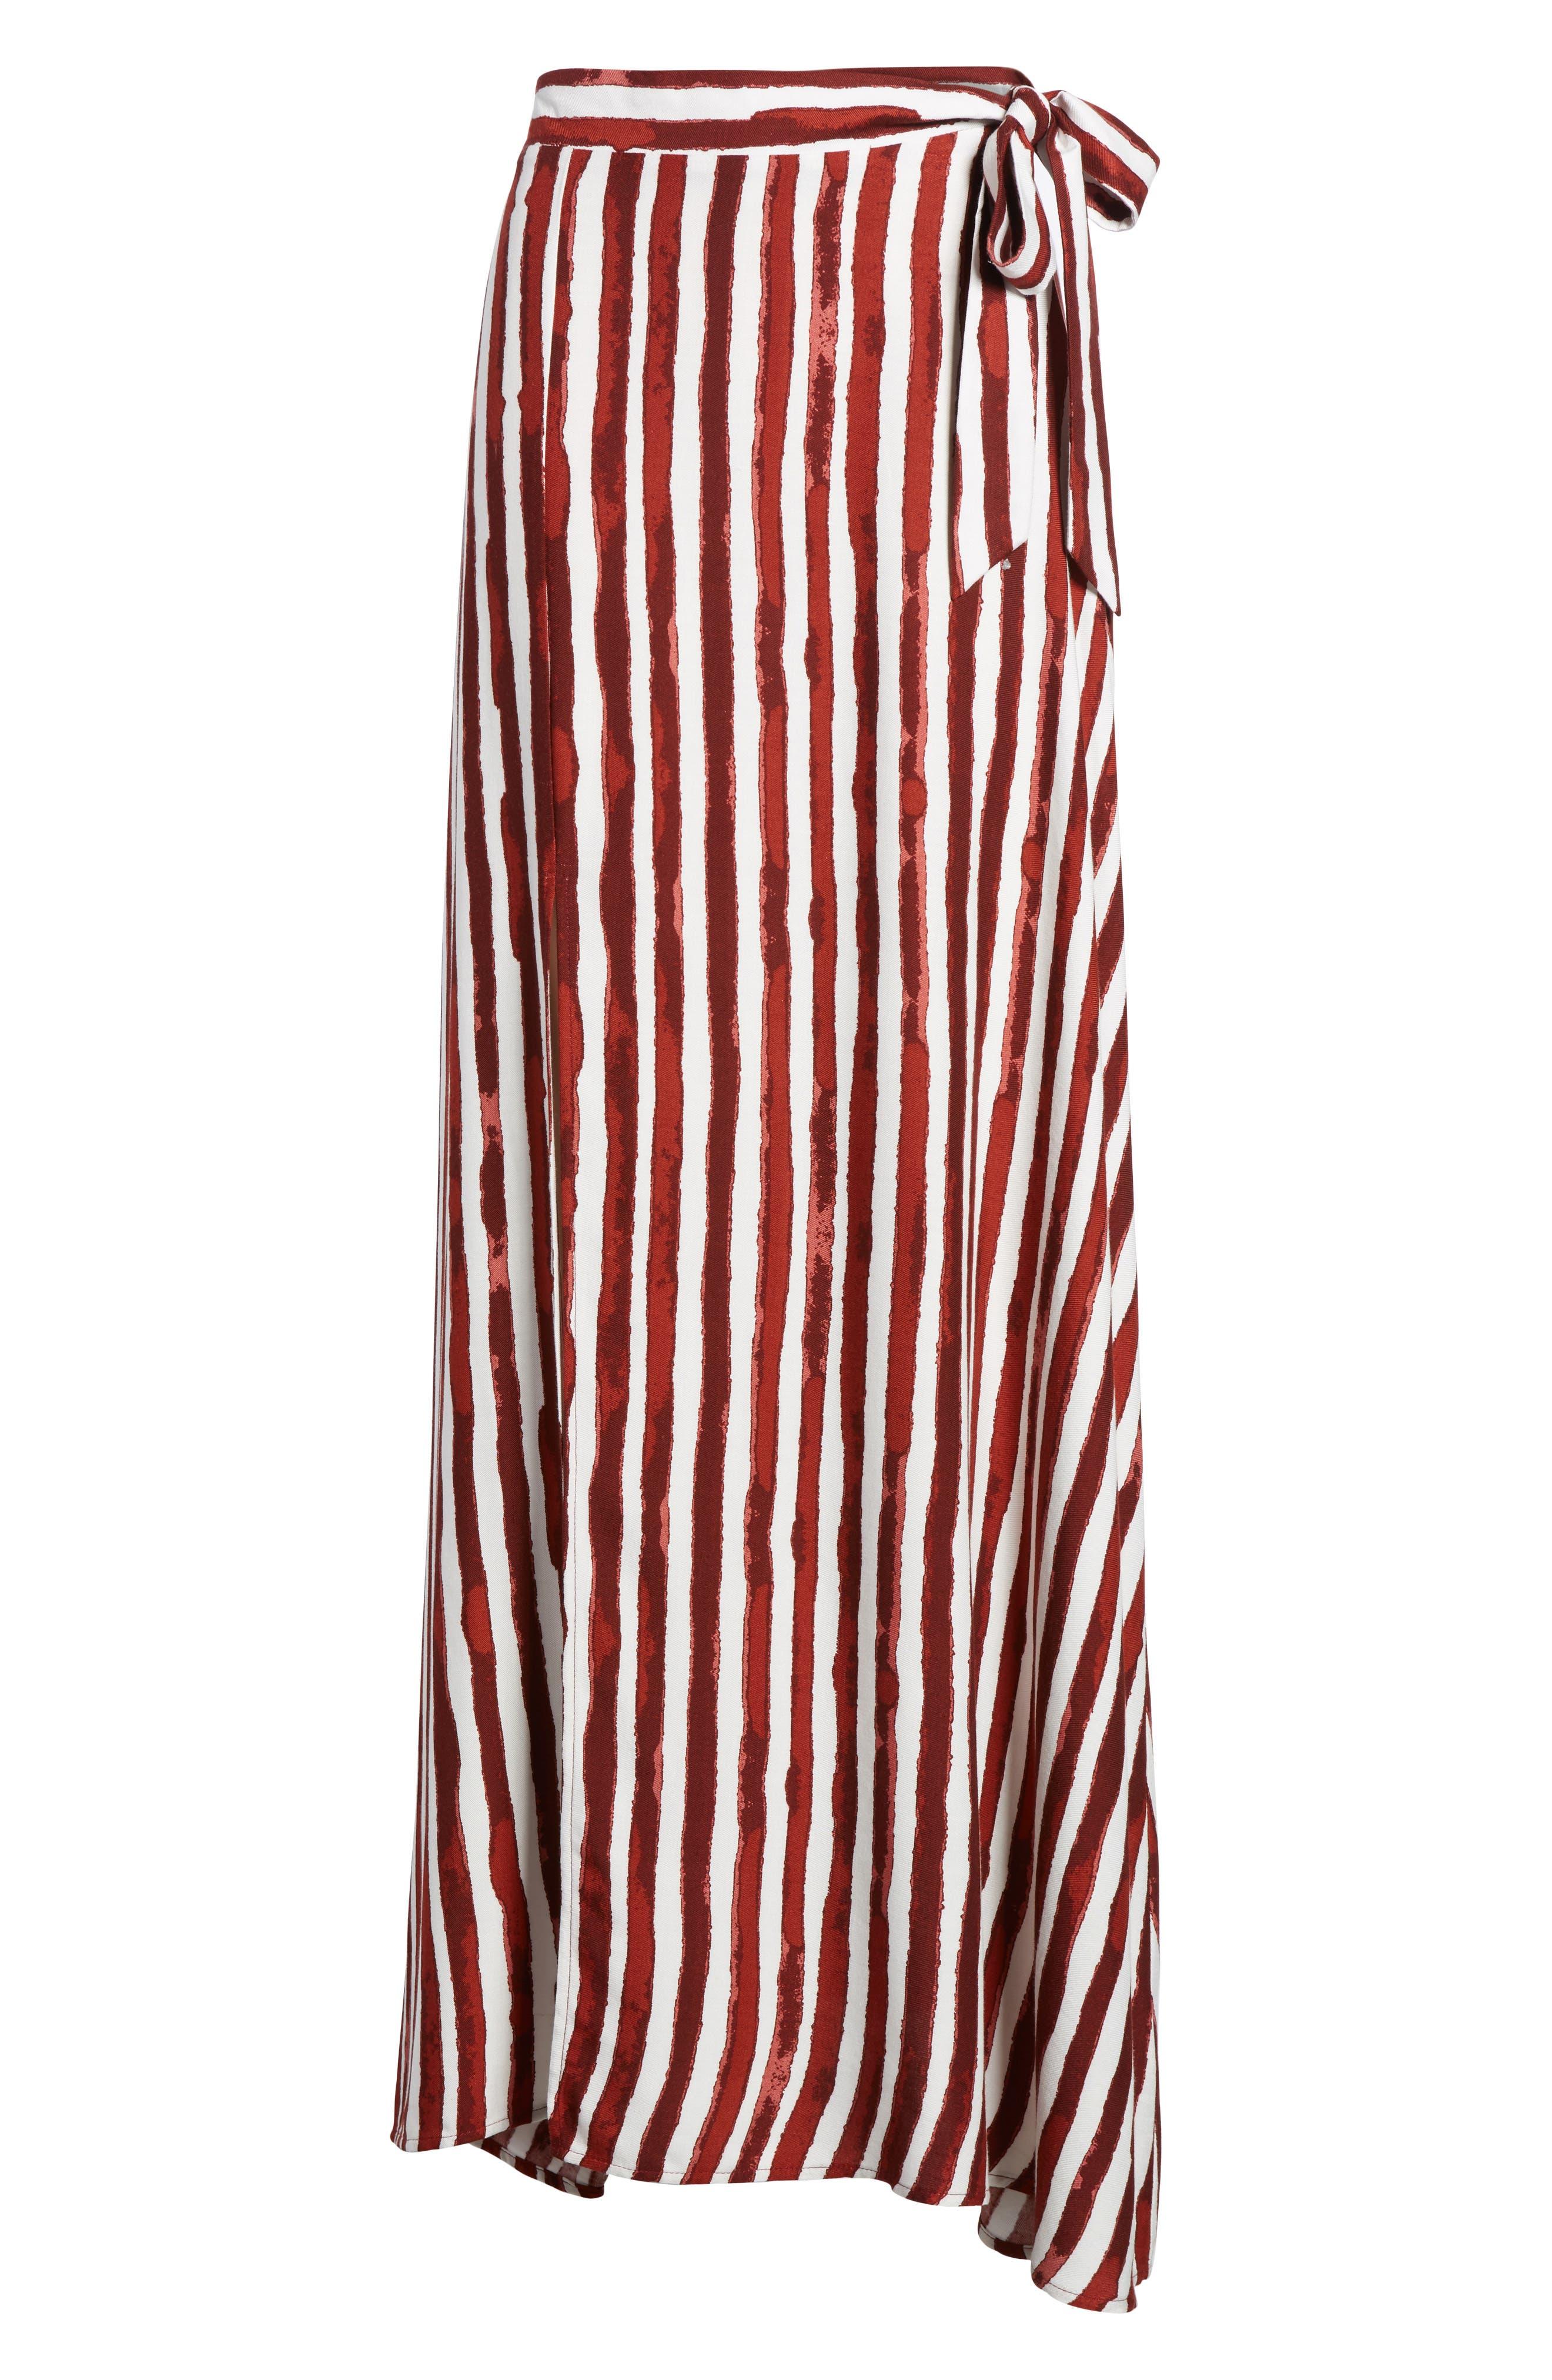 Maxi Skirt,                             Alternate thumbnail 8, color,                             Burgundy/ Ivory